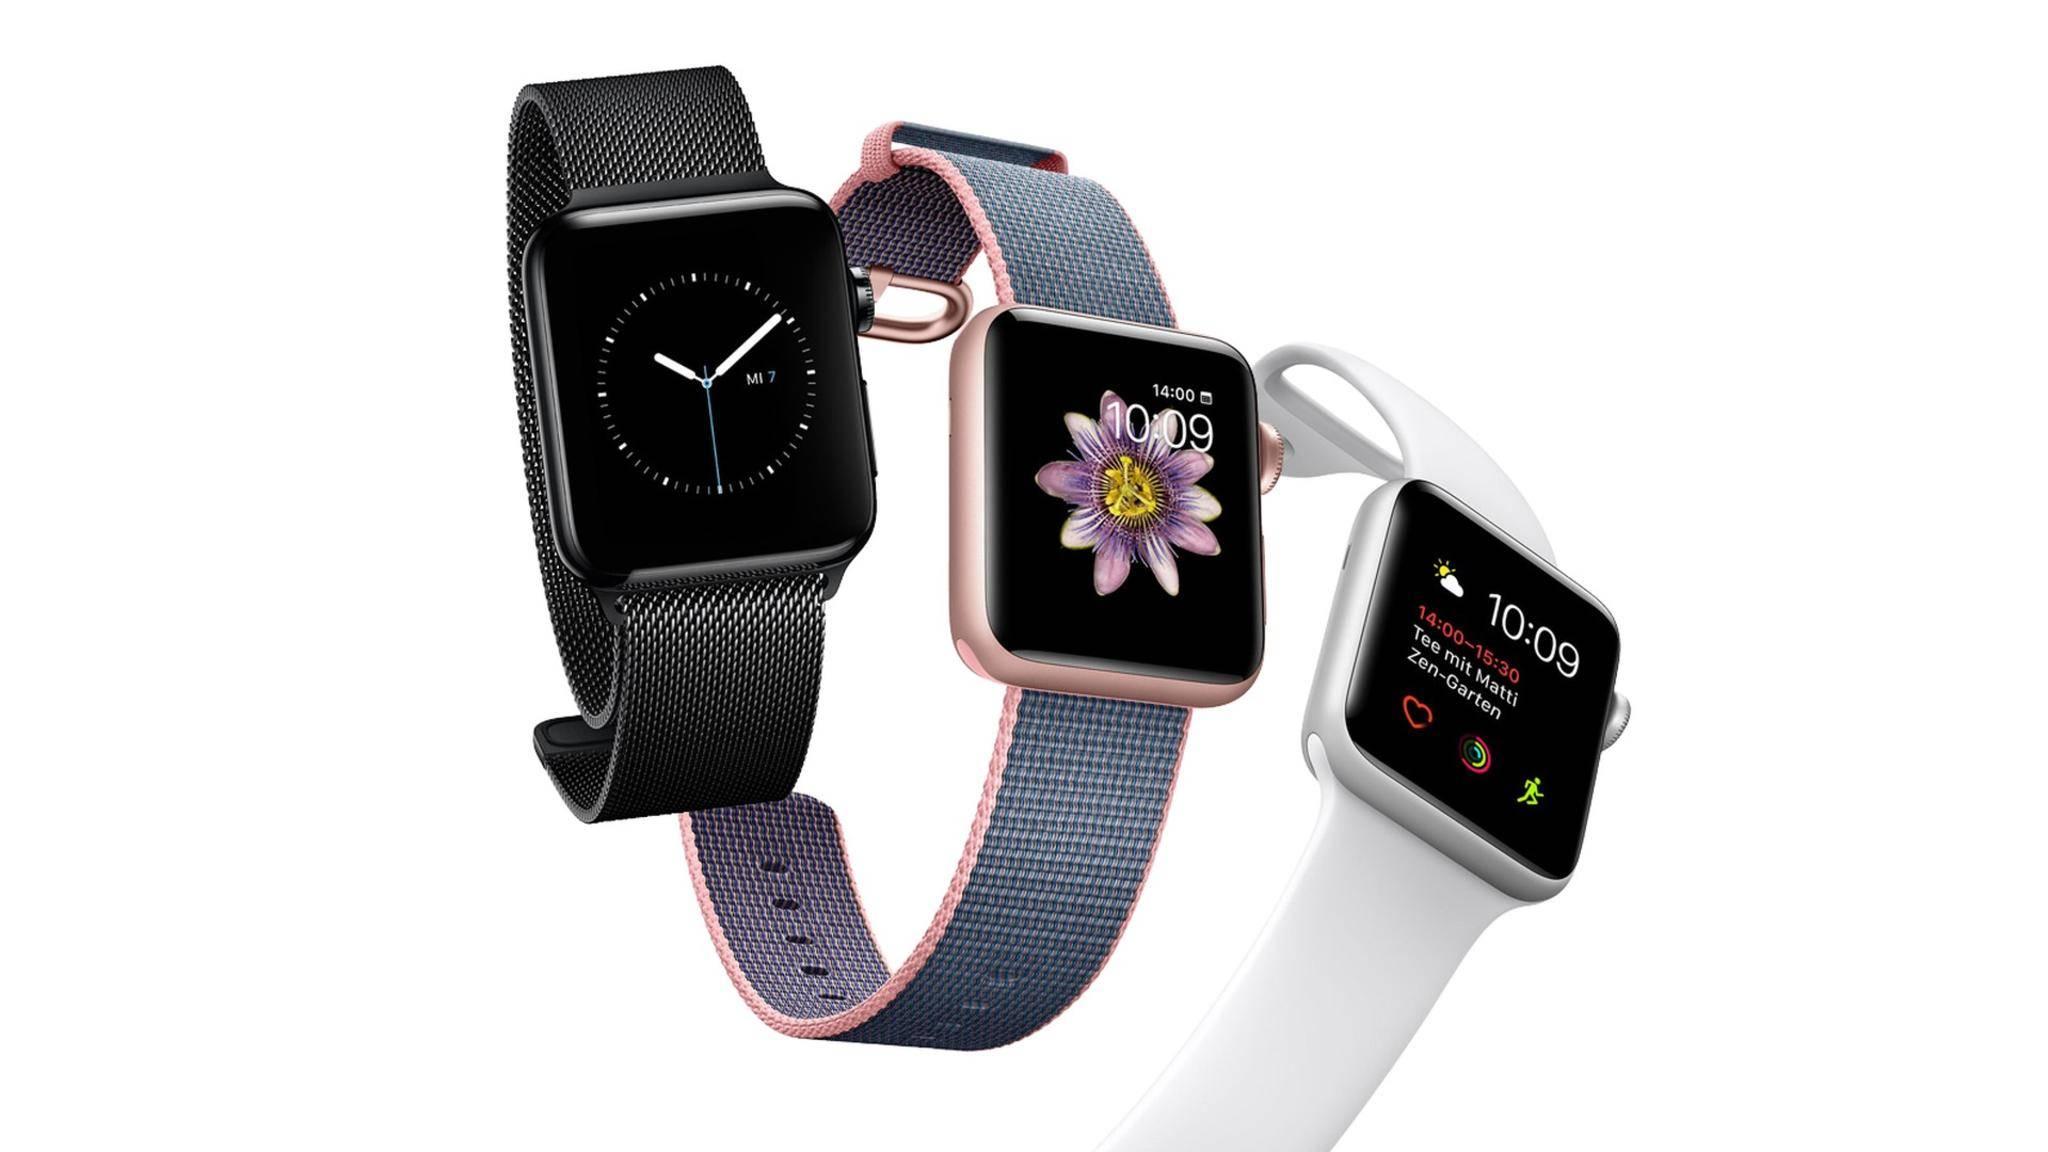 Die nächste Generation der Apple Watch könnte spürbar dünner werden als die Series 2.